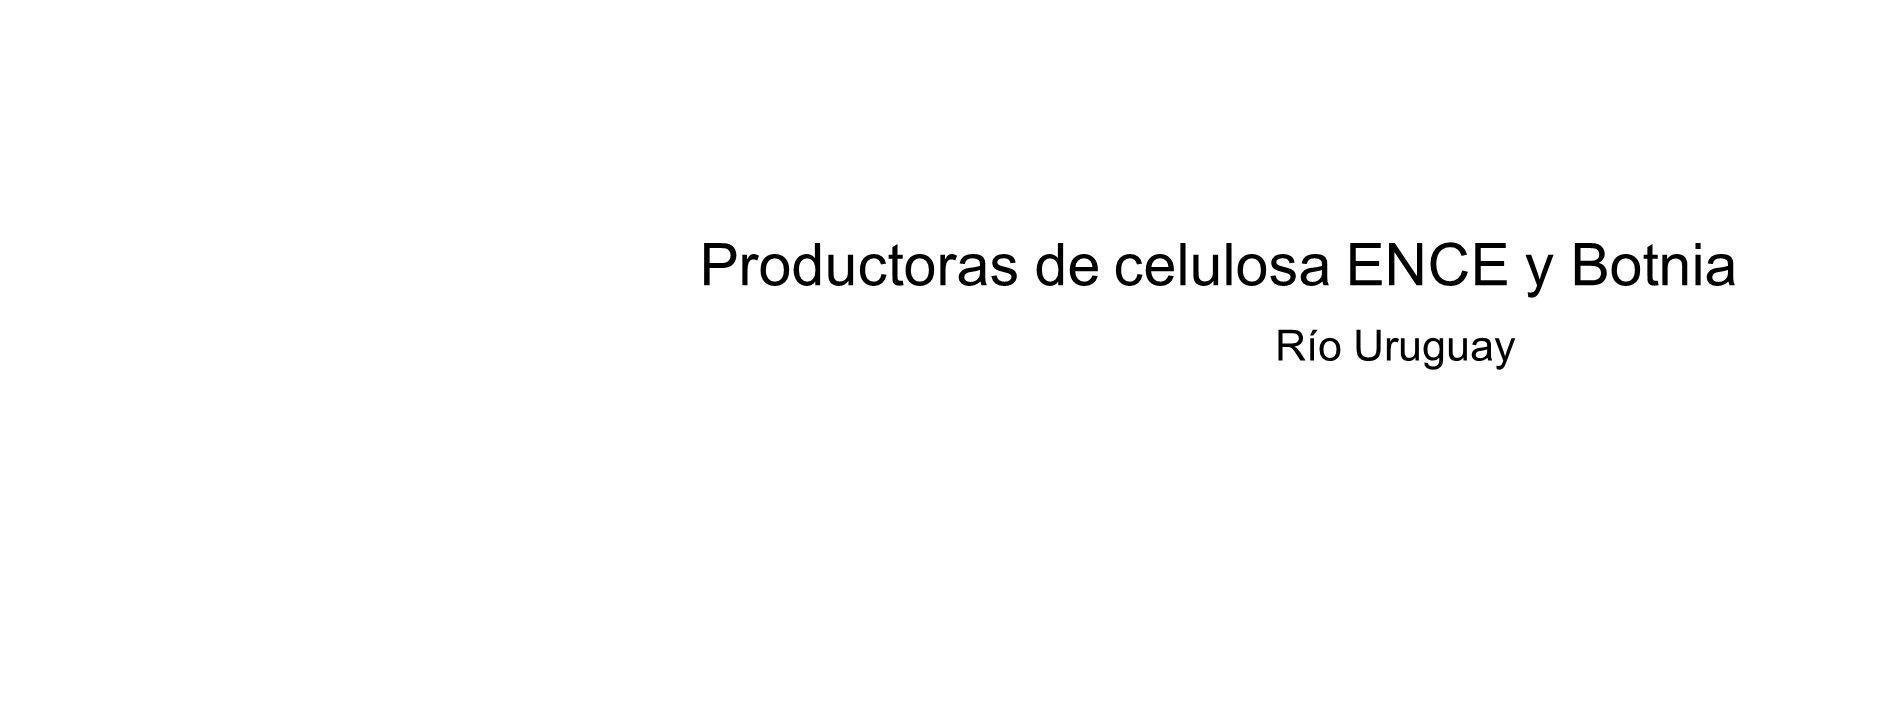 Productoras de celulosa ENCE y Botnia Río Uruguay